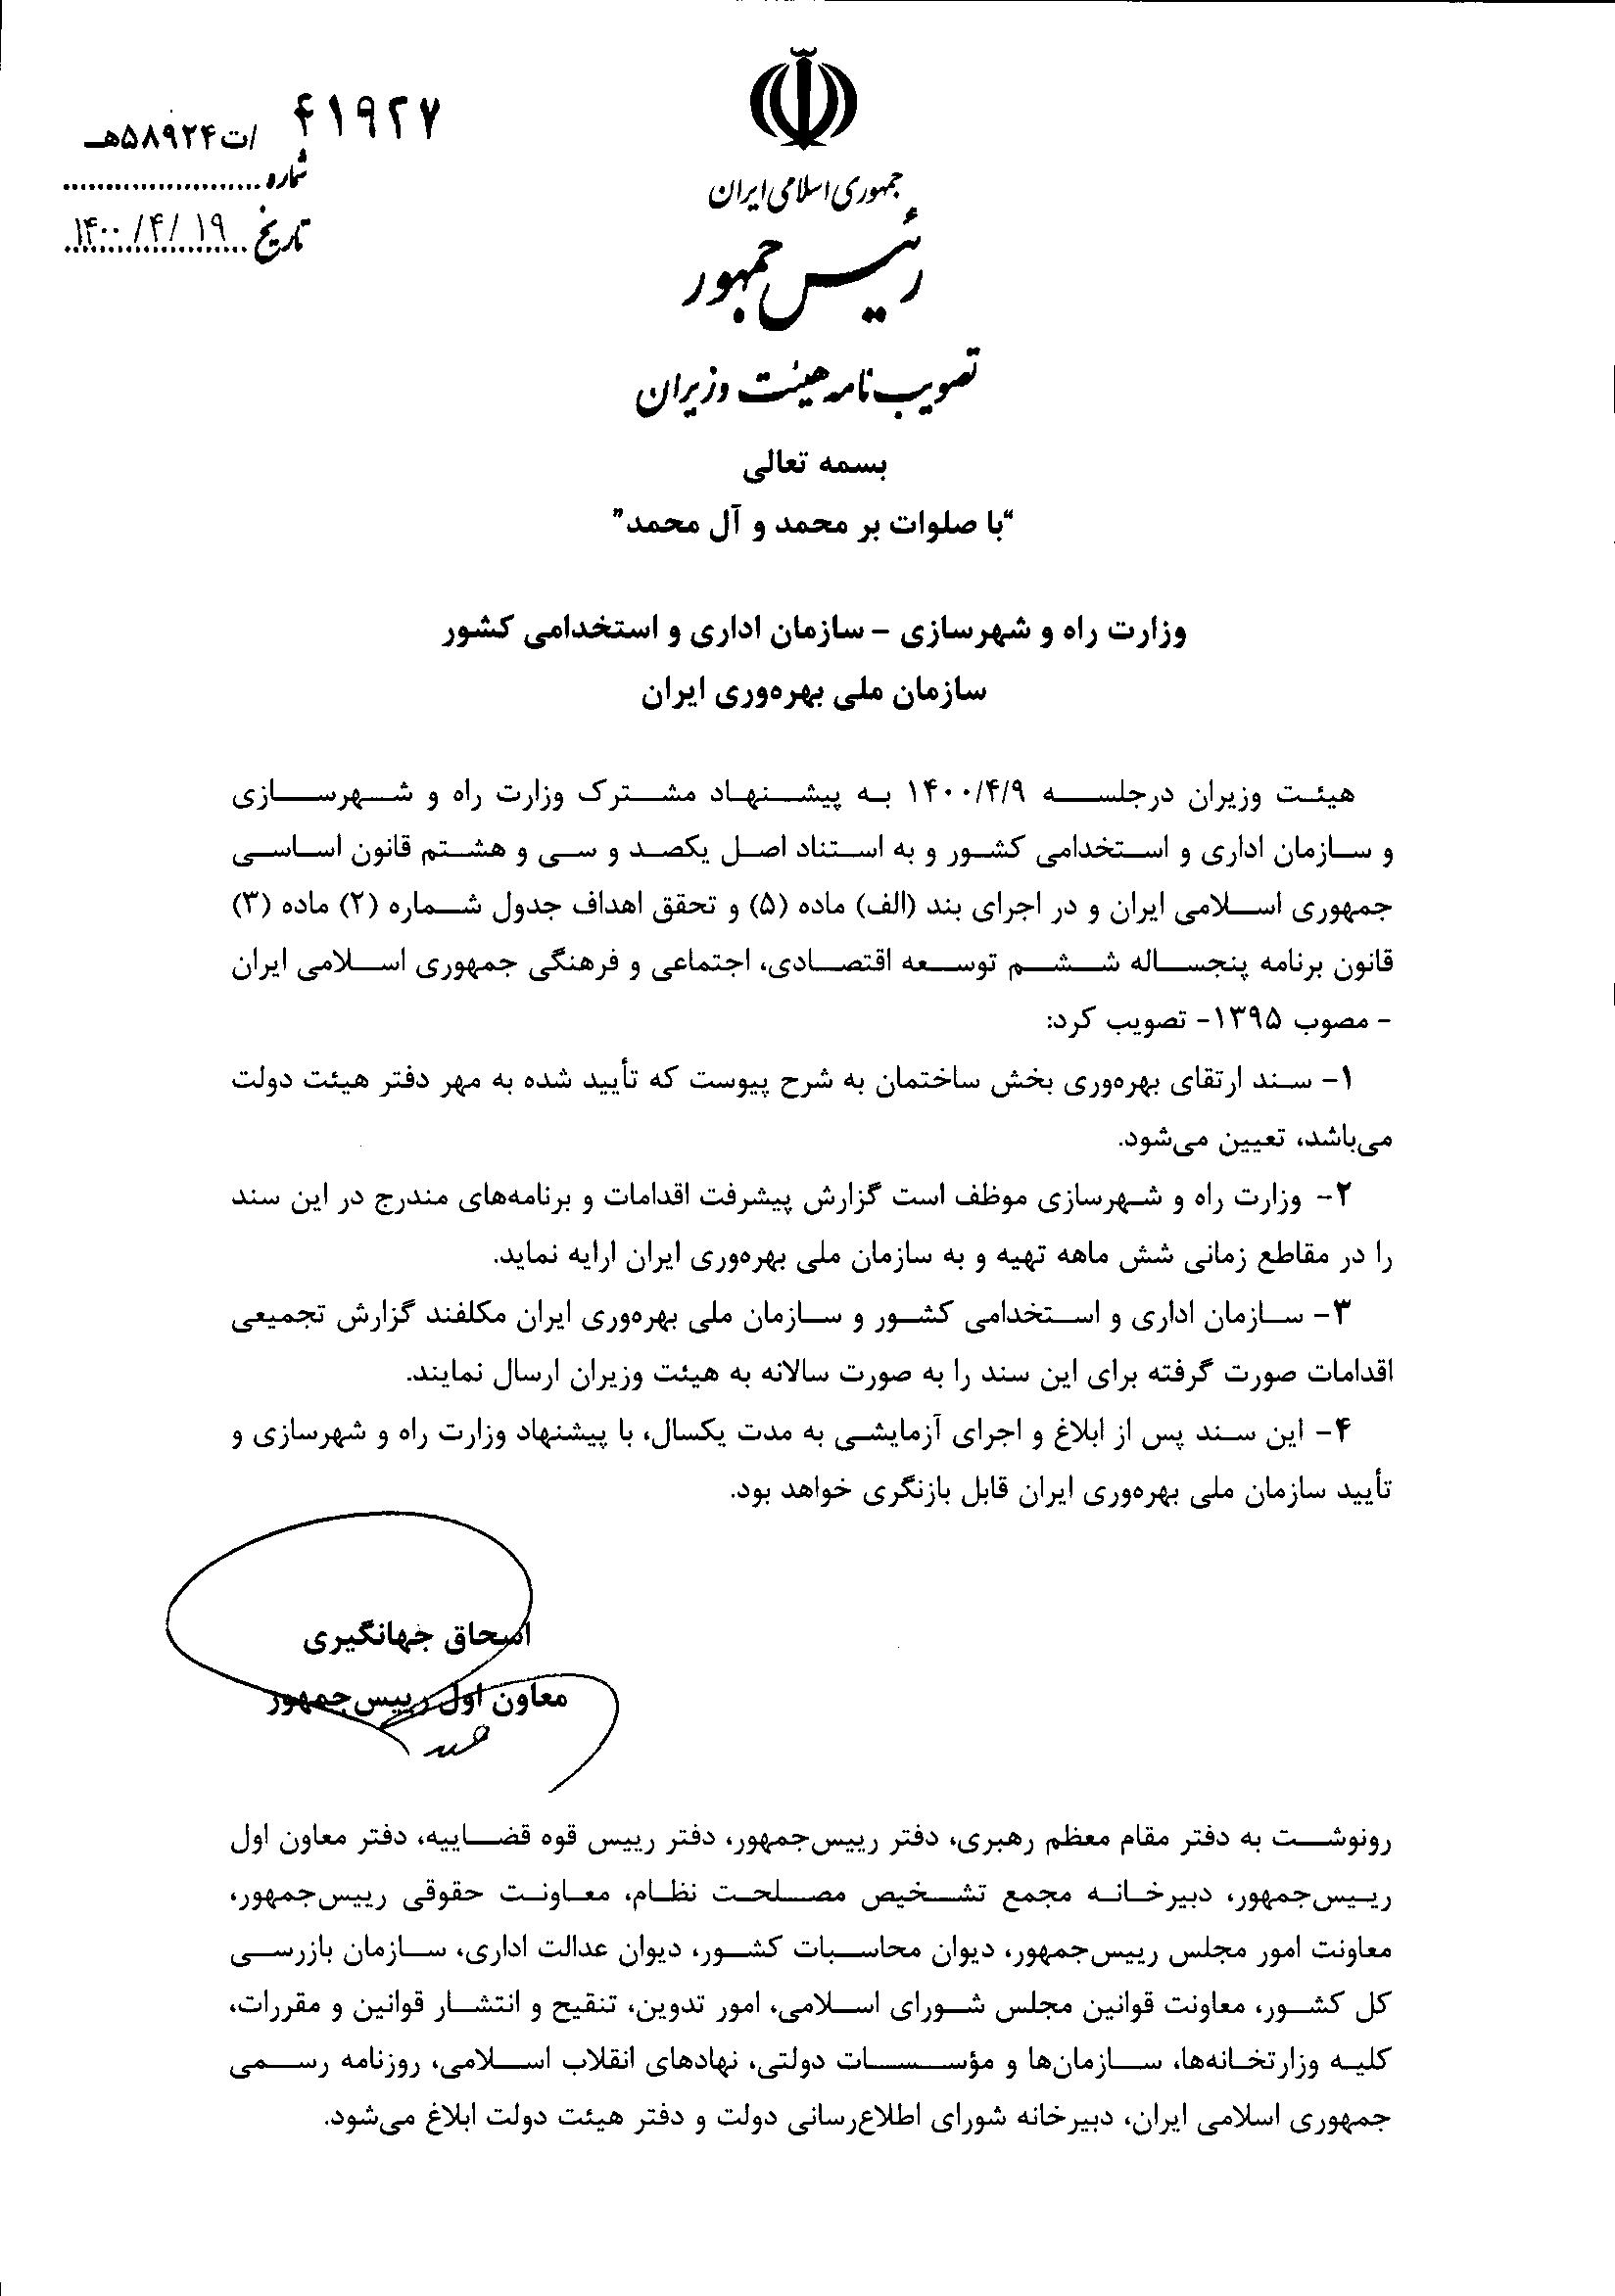 سند ملی بهره وری ساختمان  به وزارت راه و شهرسازی ابلاغ شد